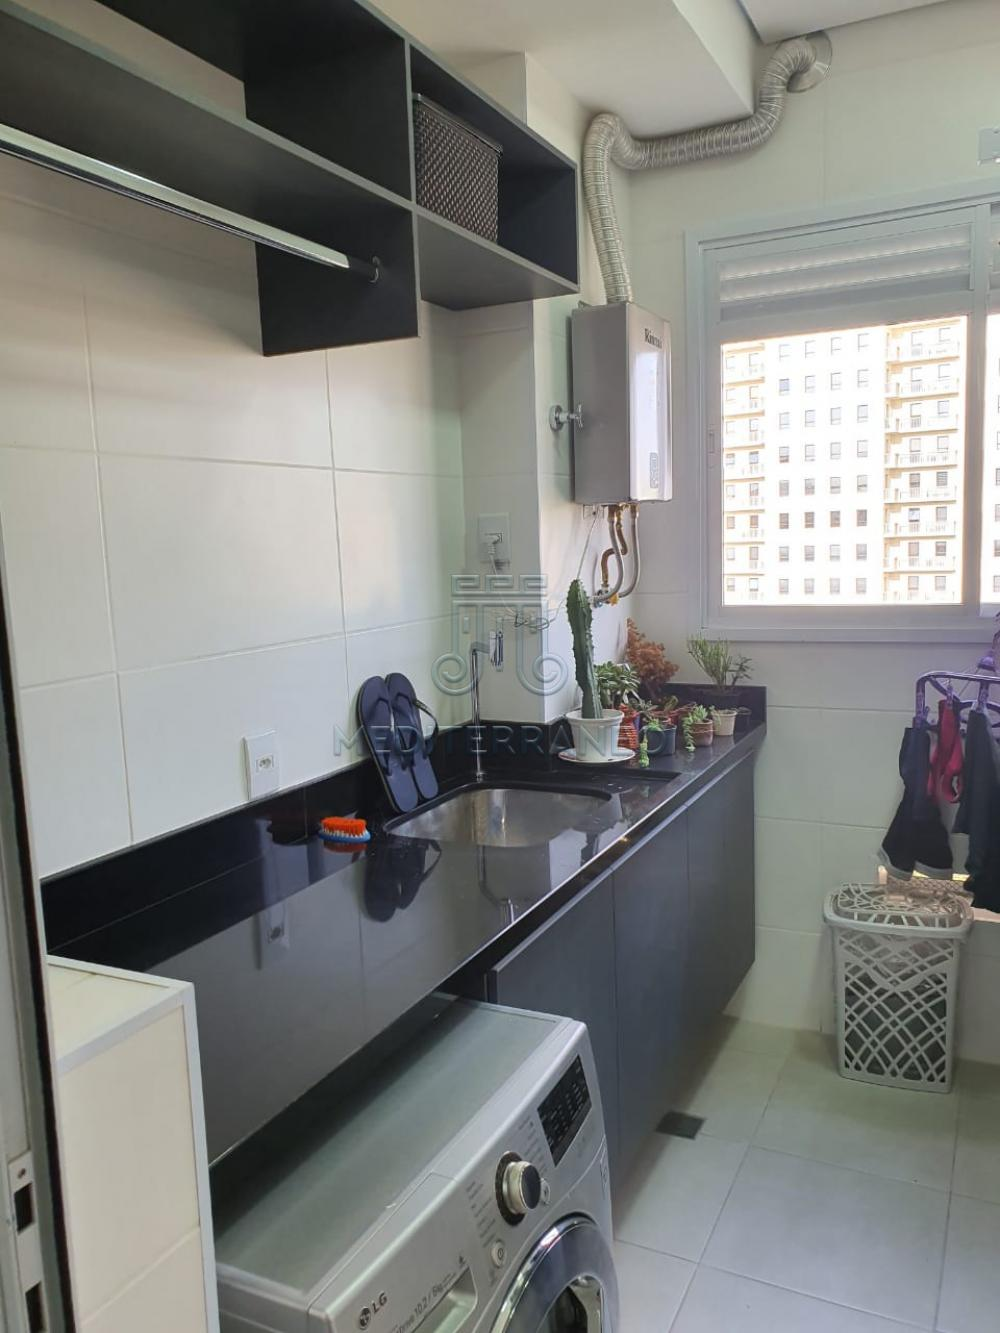 Comprar Apartamento / Padrão em Jundiaí apenas R$ 1.490.000,00 - Foto 2